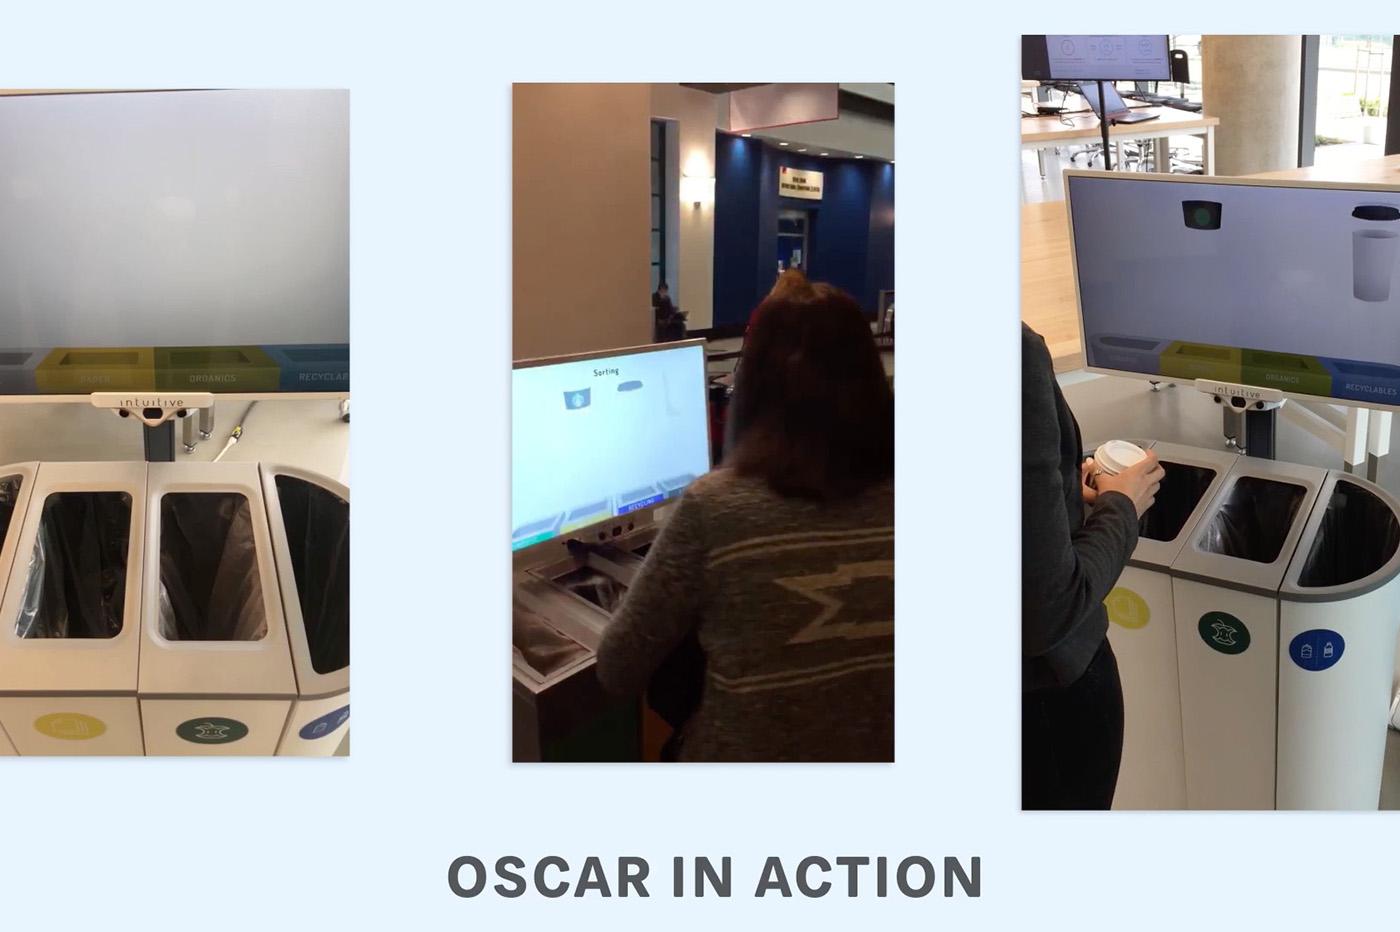 Oscar IA